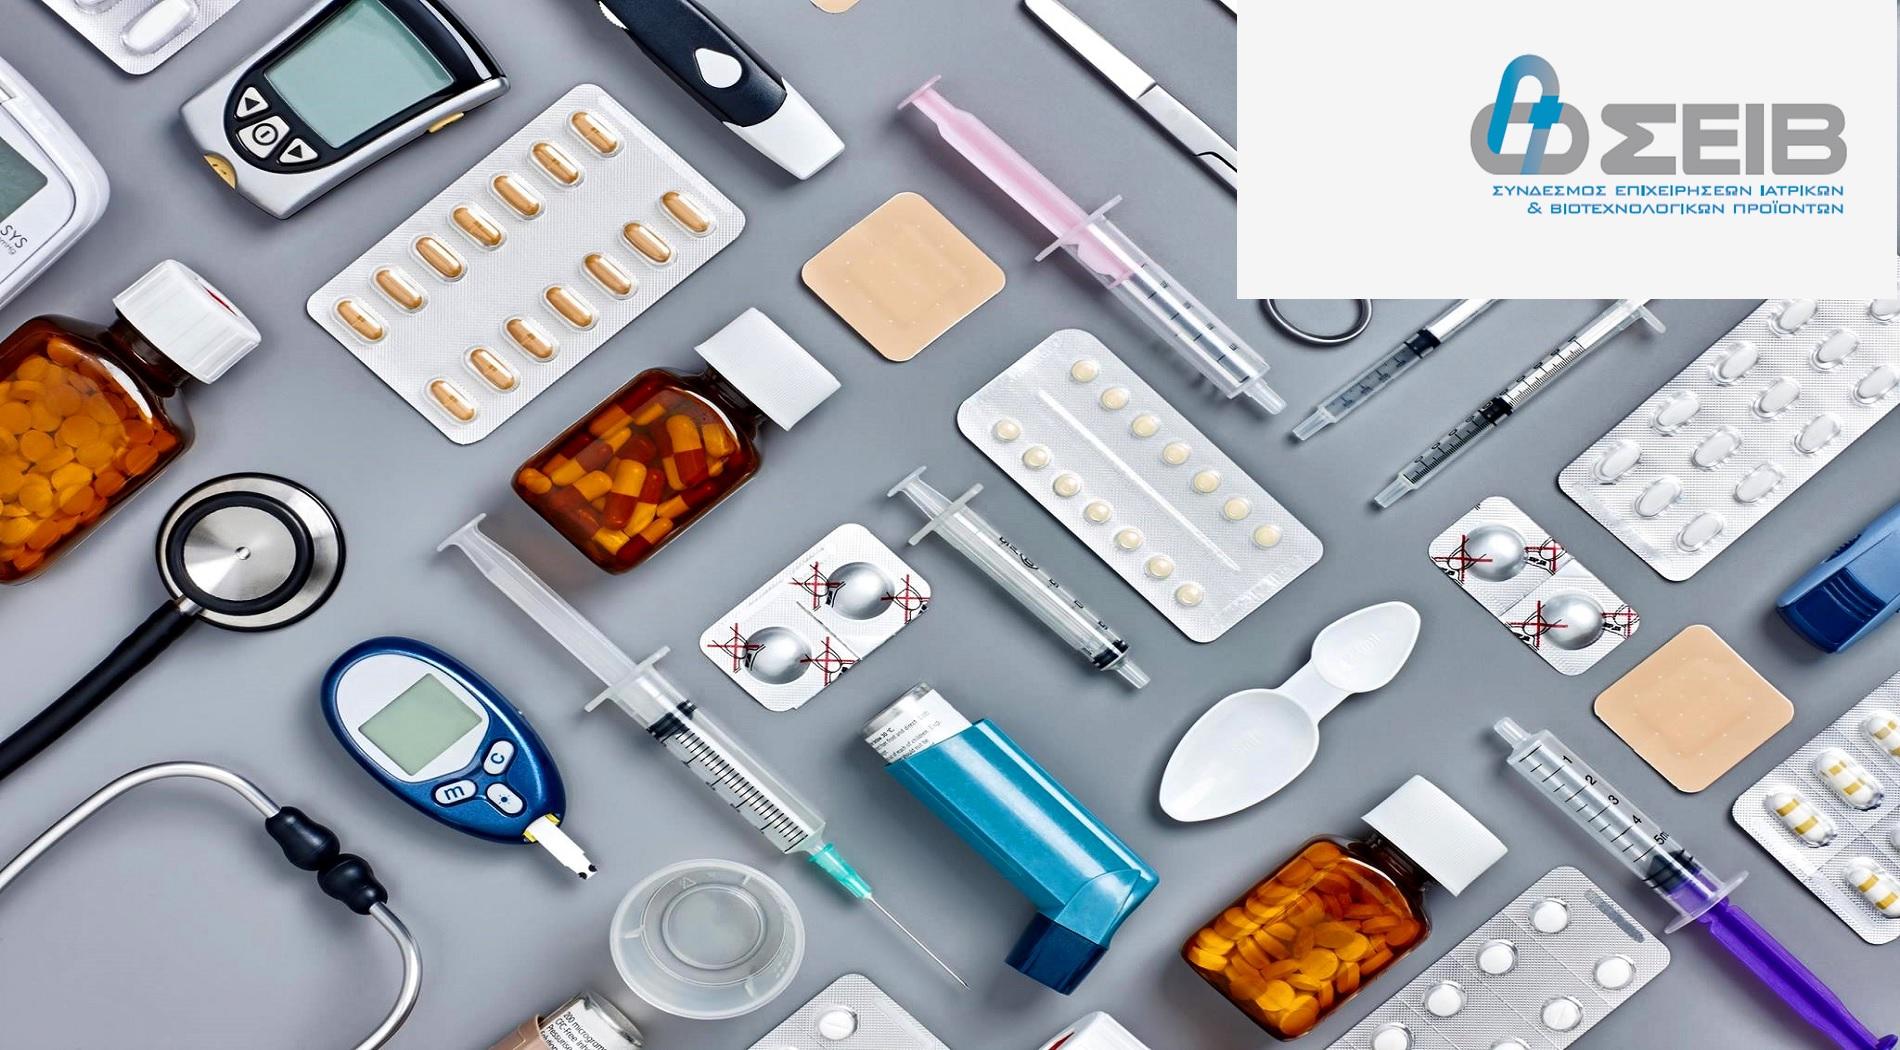 Οργή ΣΕΙΒ για τη συστηματική υποχρηματοδότηση των δαπανών του διαβήτη